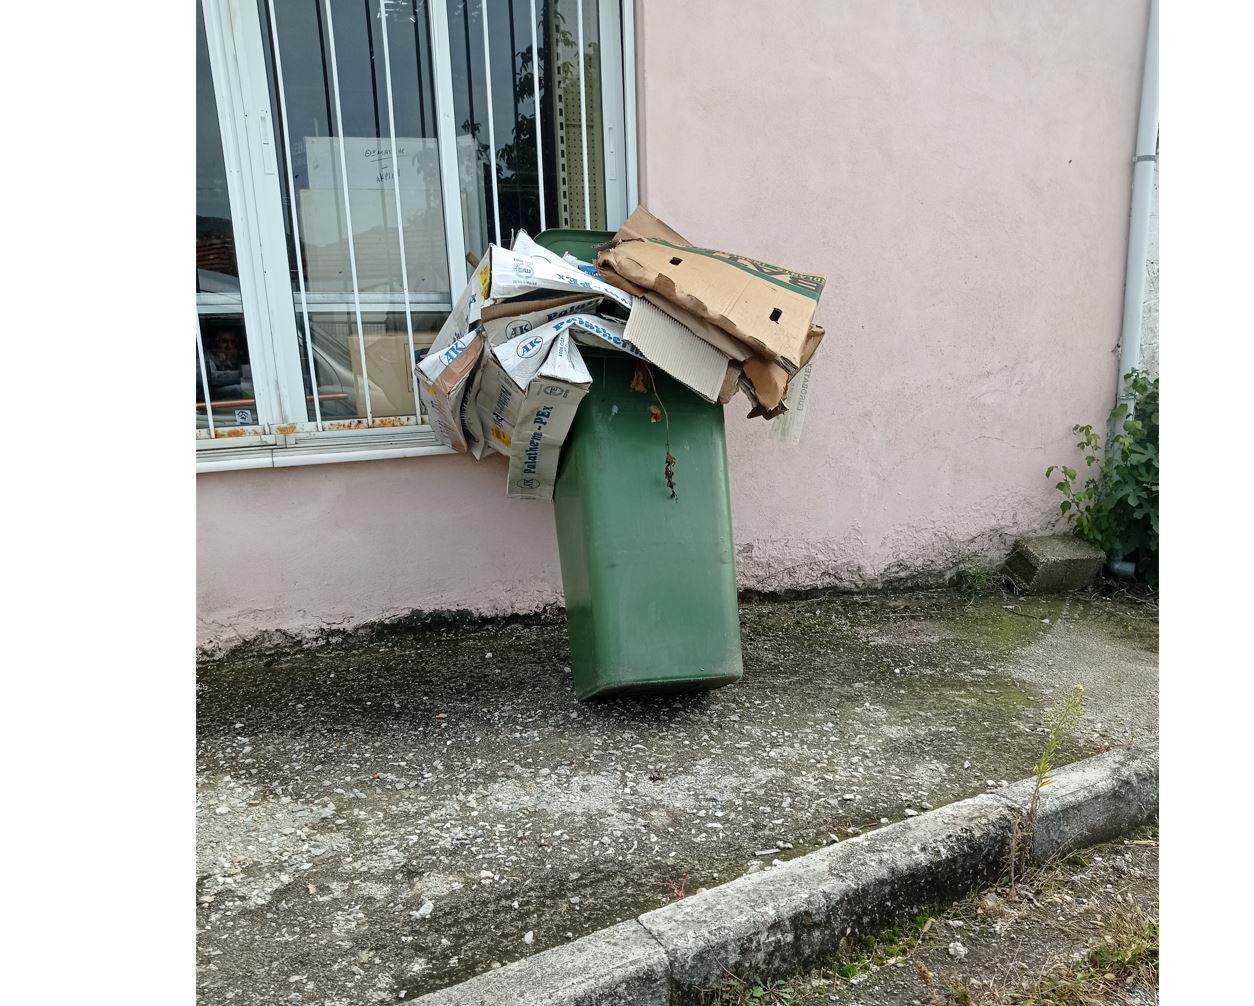 Σχόλιο αναγνώστη στο kozan.gr: Aκρινή Κοζάνης: Ενάμιση μήνα και δε λένε να τον αδειάσουν – Πιστεύω μέχρι τα Χριστούγεννα κάτι να γίνει (Φωτογραφία)